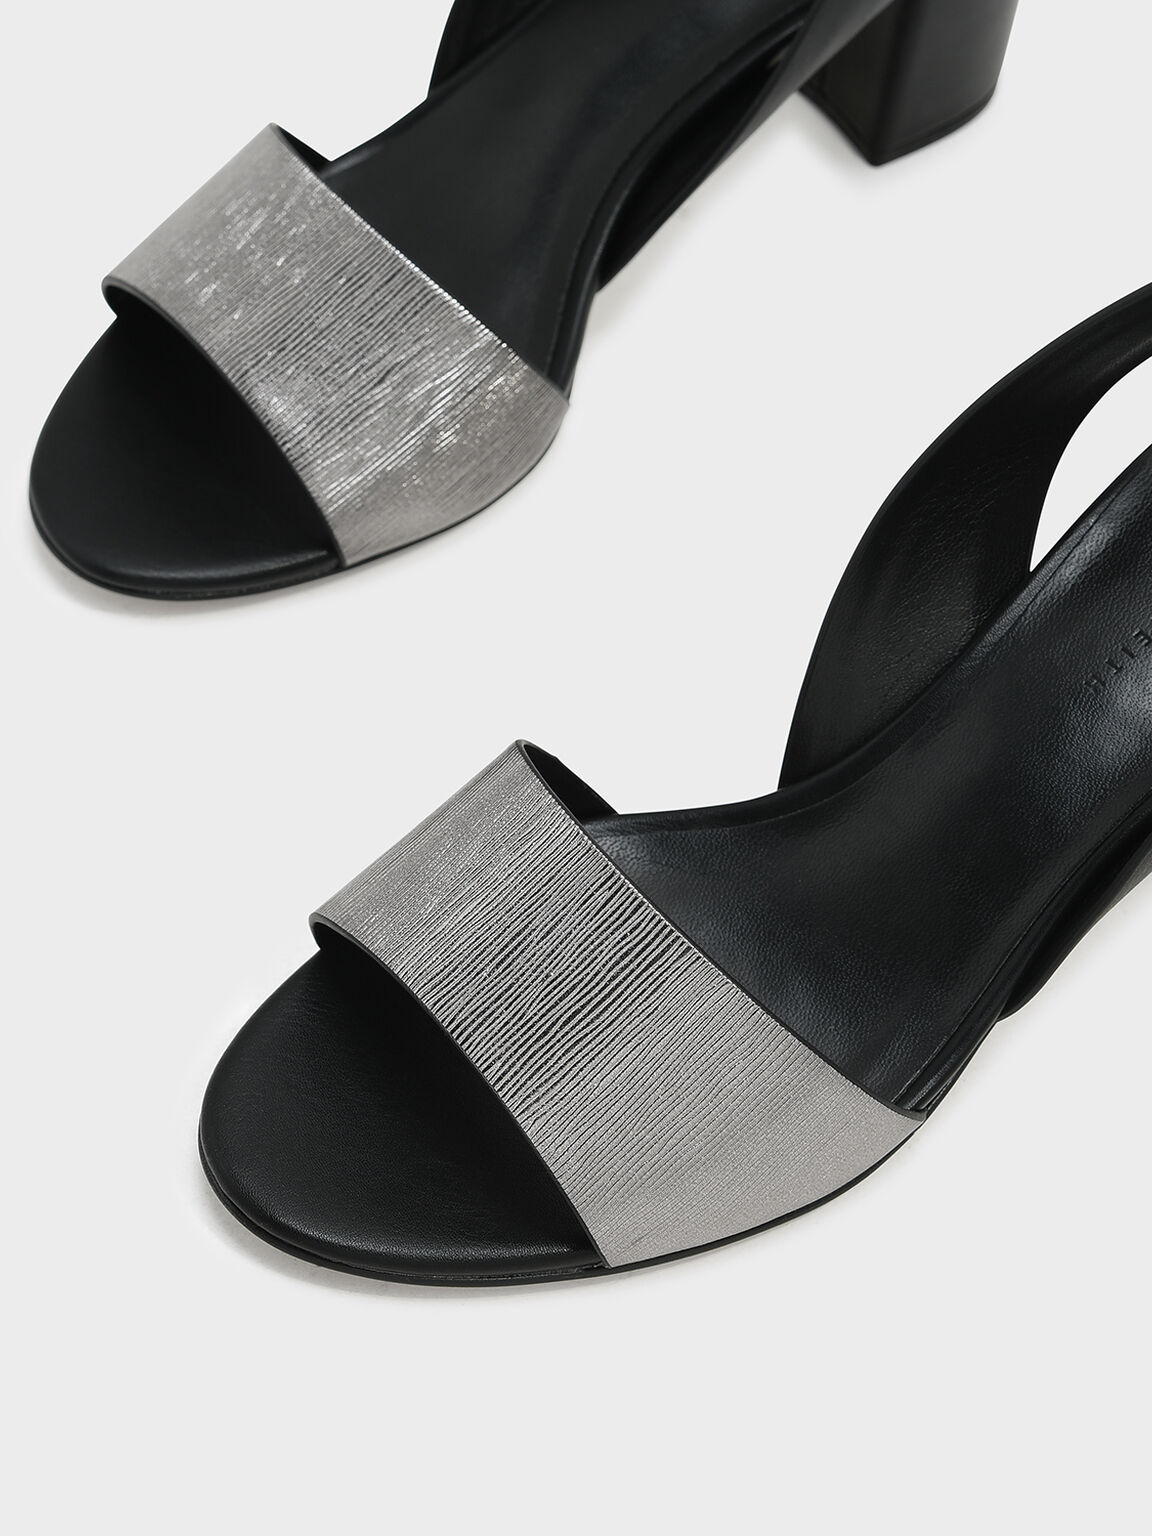 Sling Back Heels, Black, hi-res